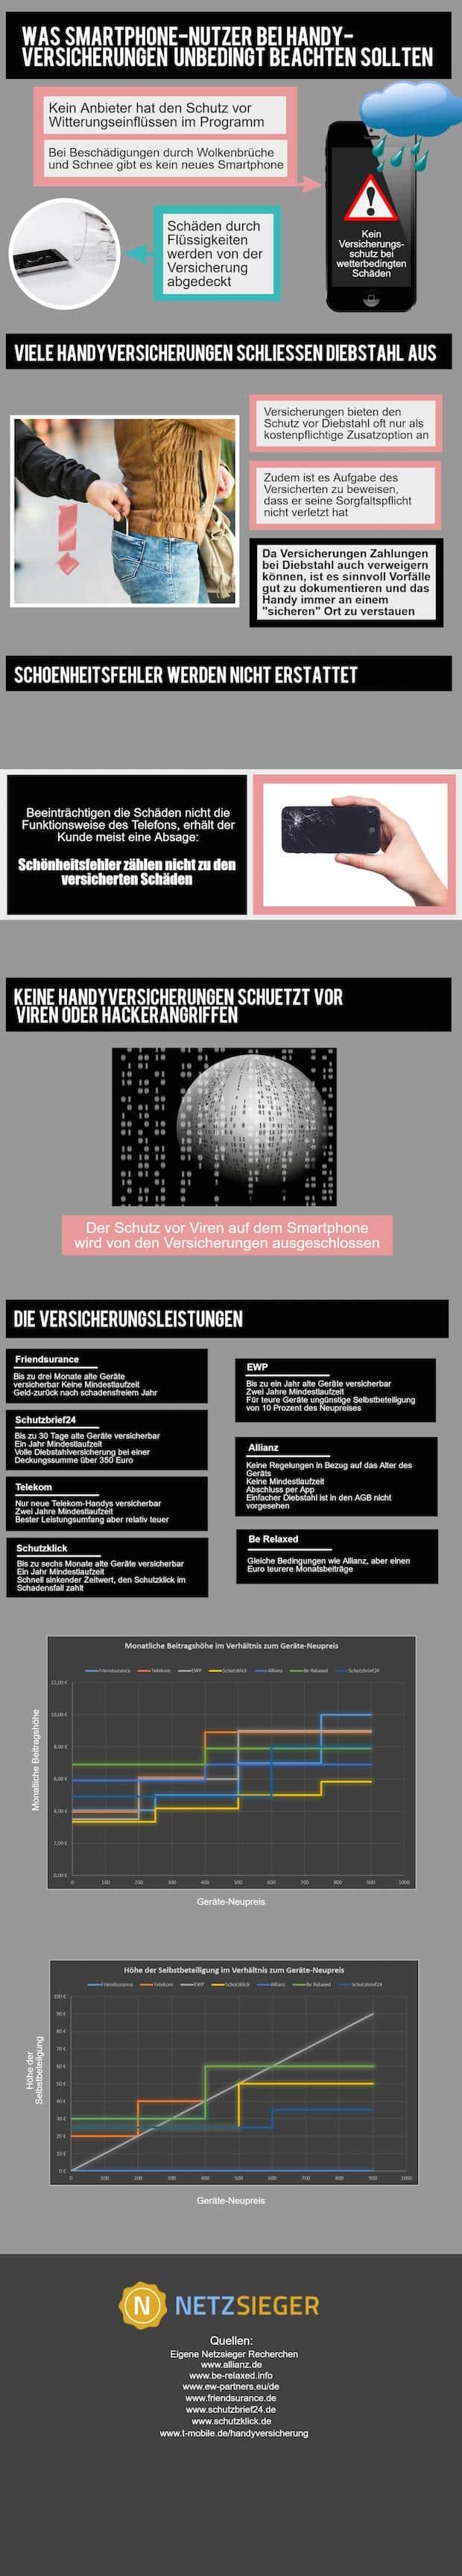 Photo of Netzsieger: Die besten Handyversicherungen im Vergleich